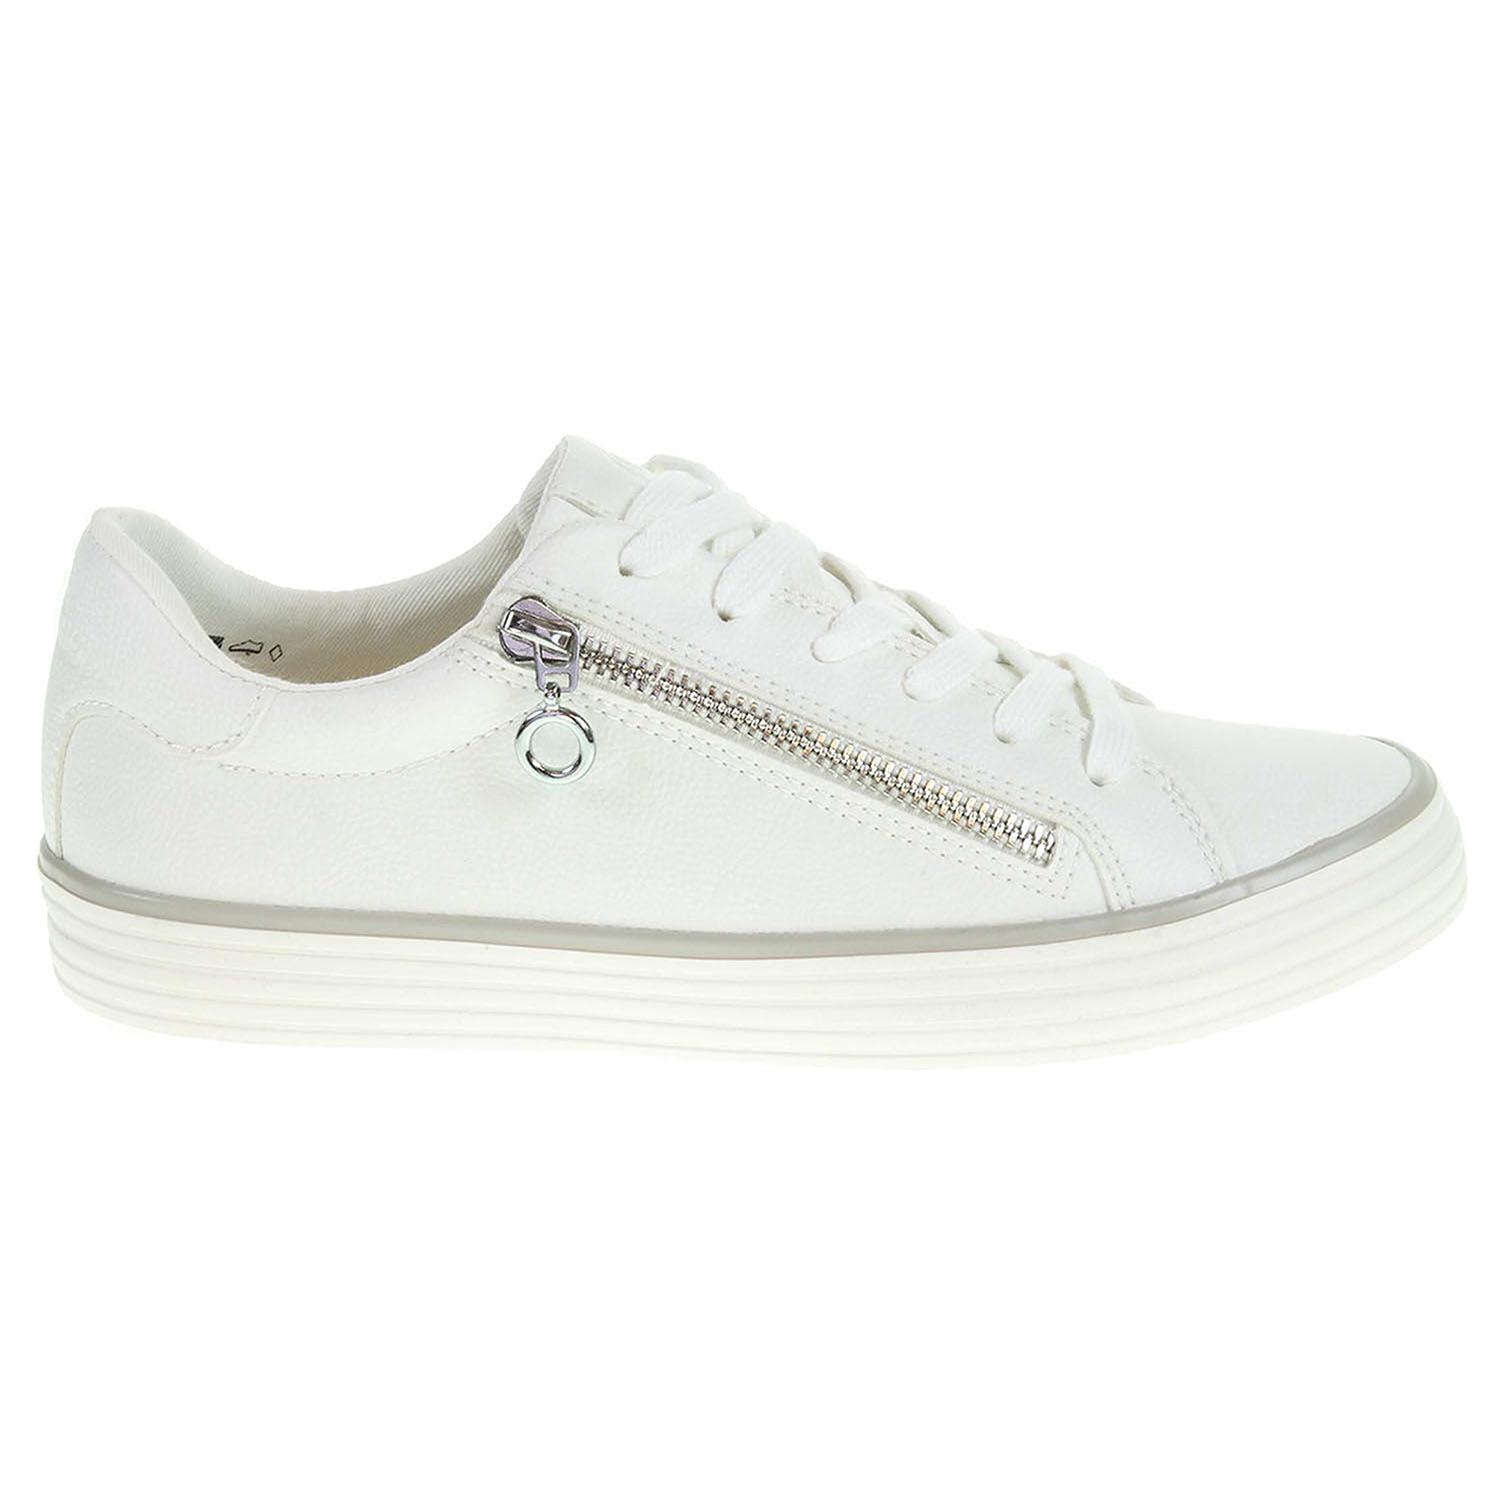 s.Oliver dámská obuv 5-23615-38 bílá 38